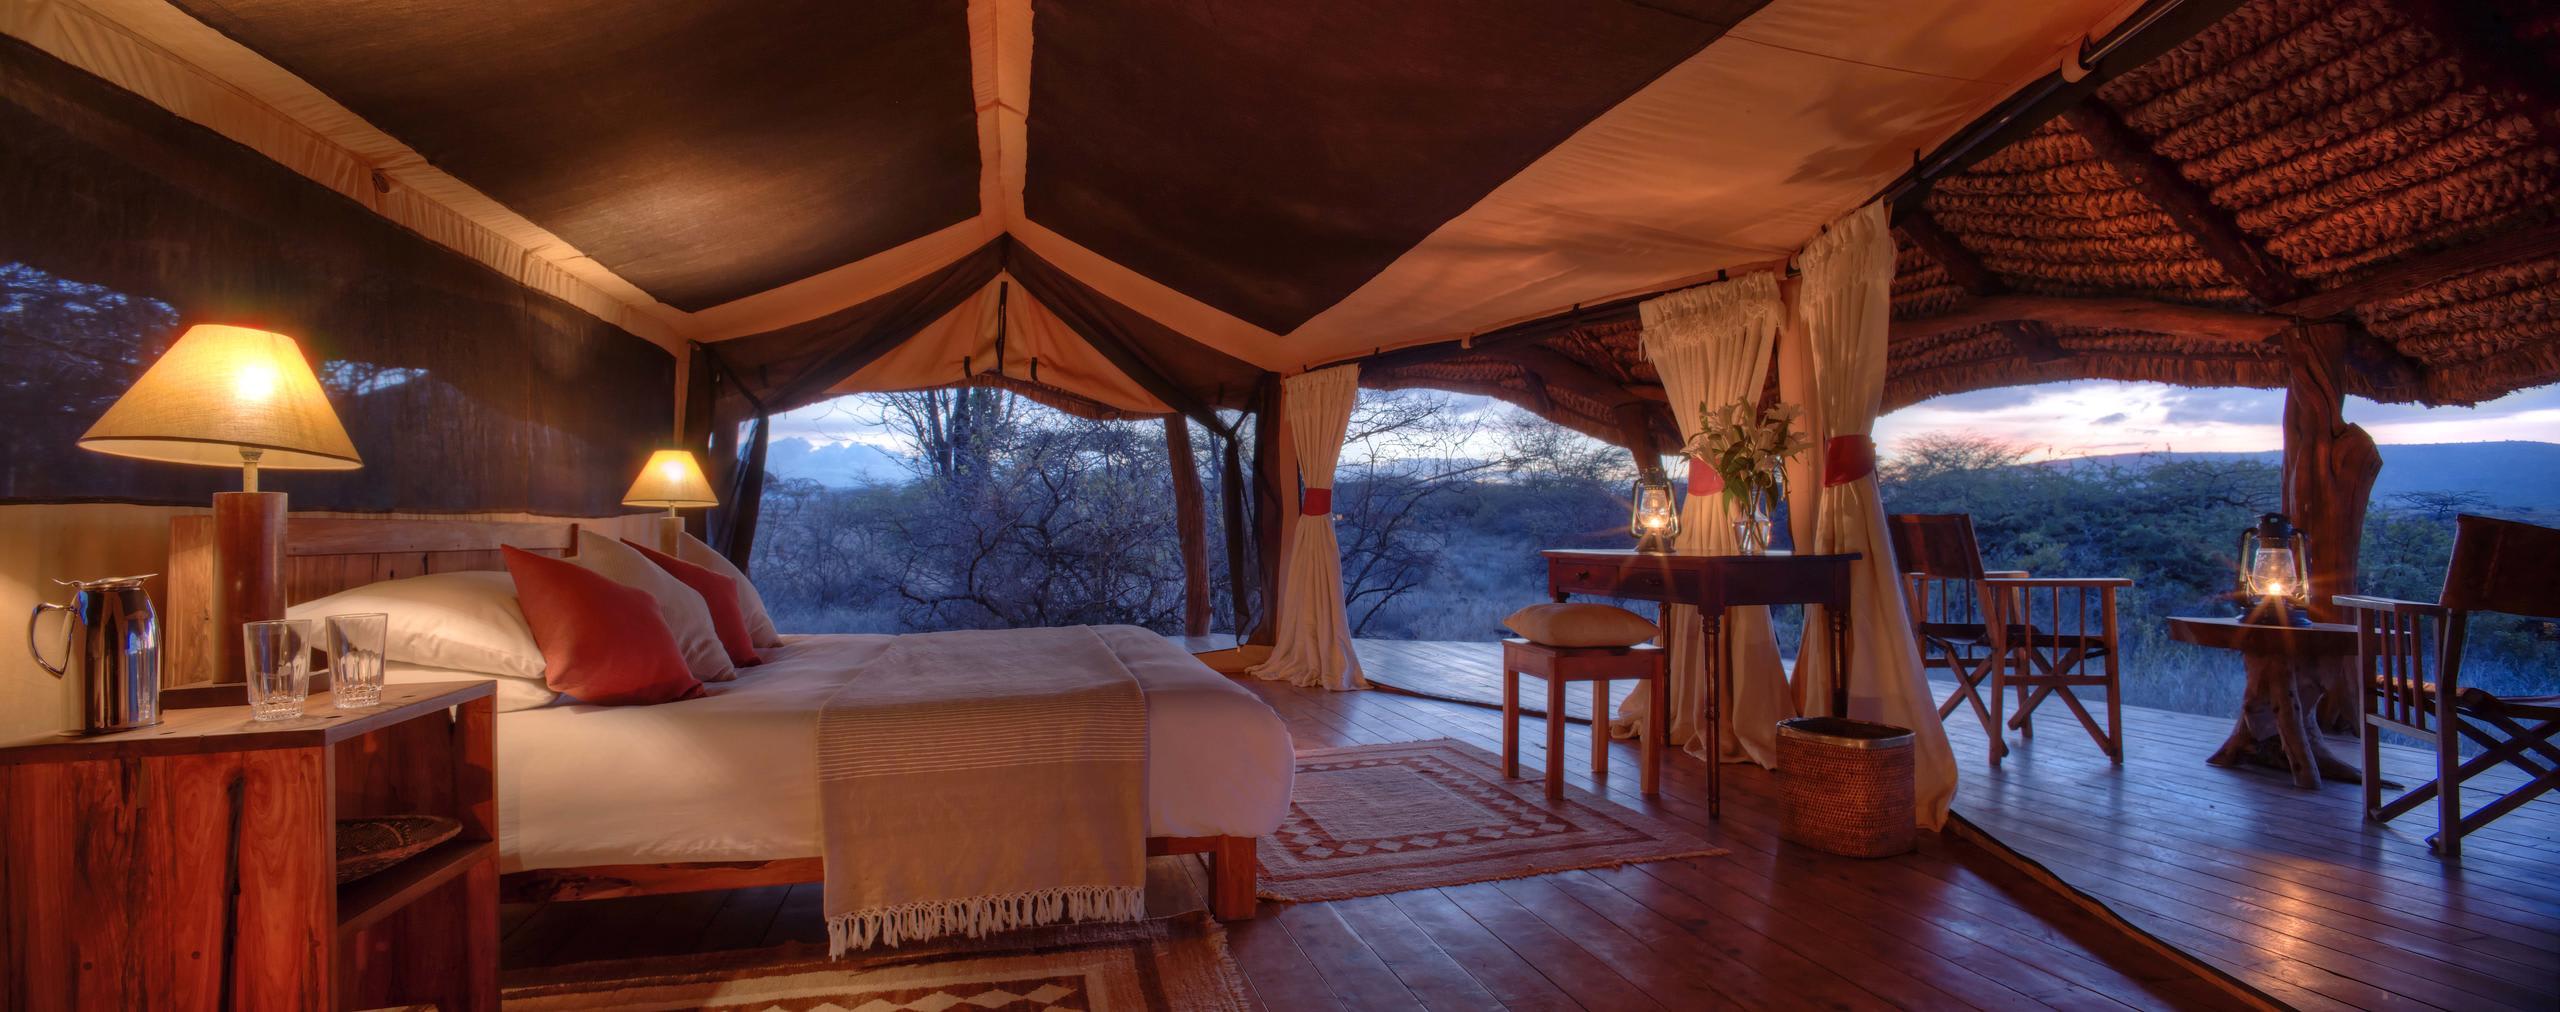 Luxury Safari Tent Interior